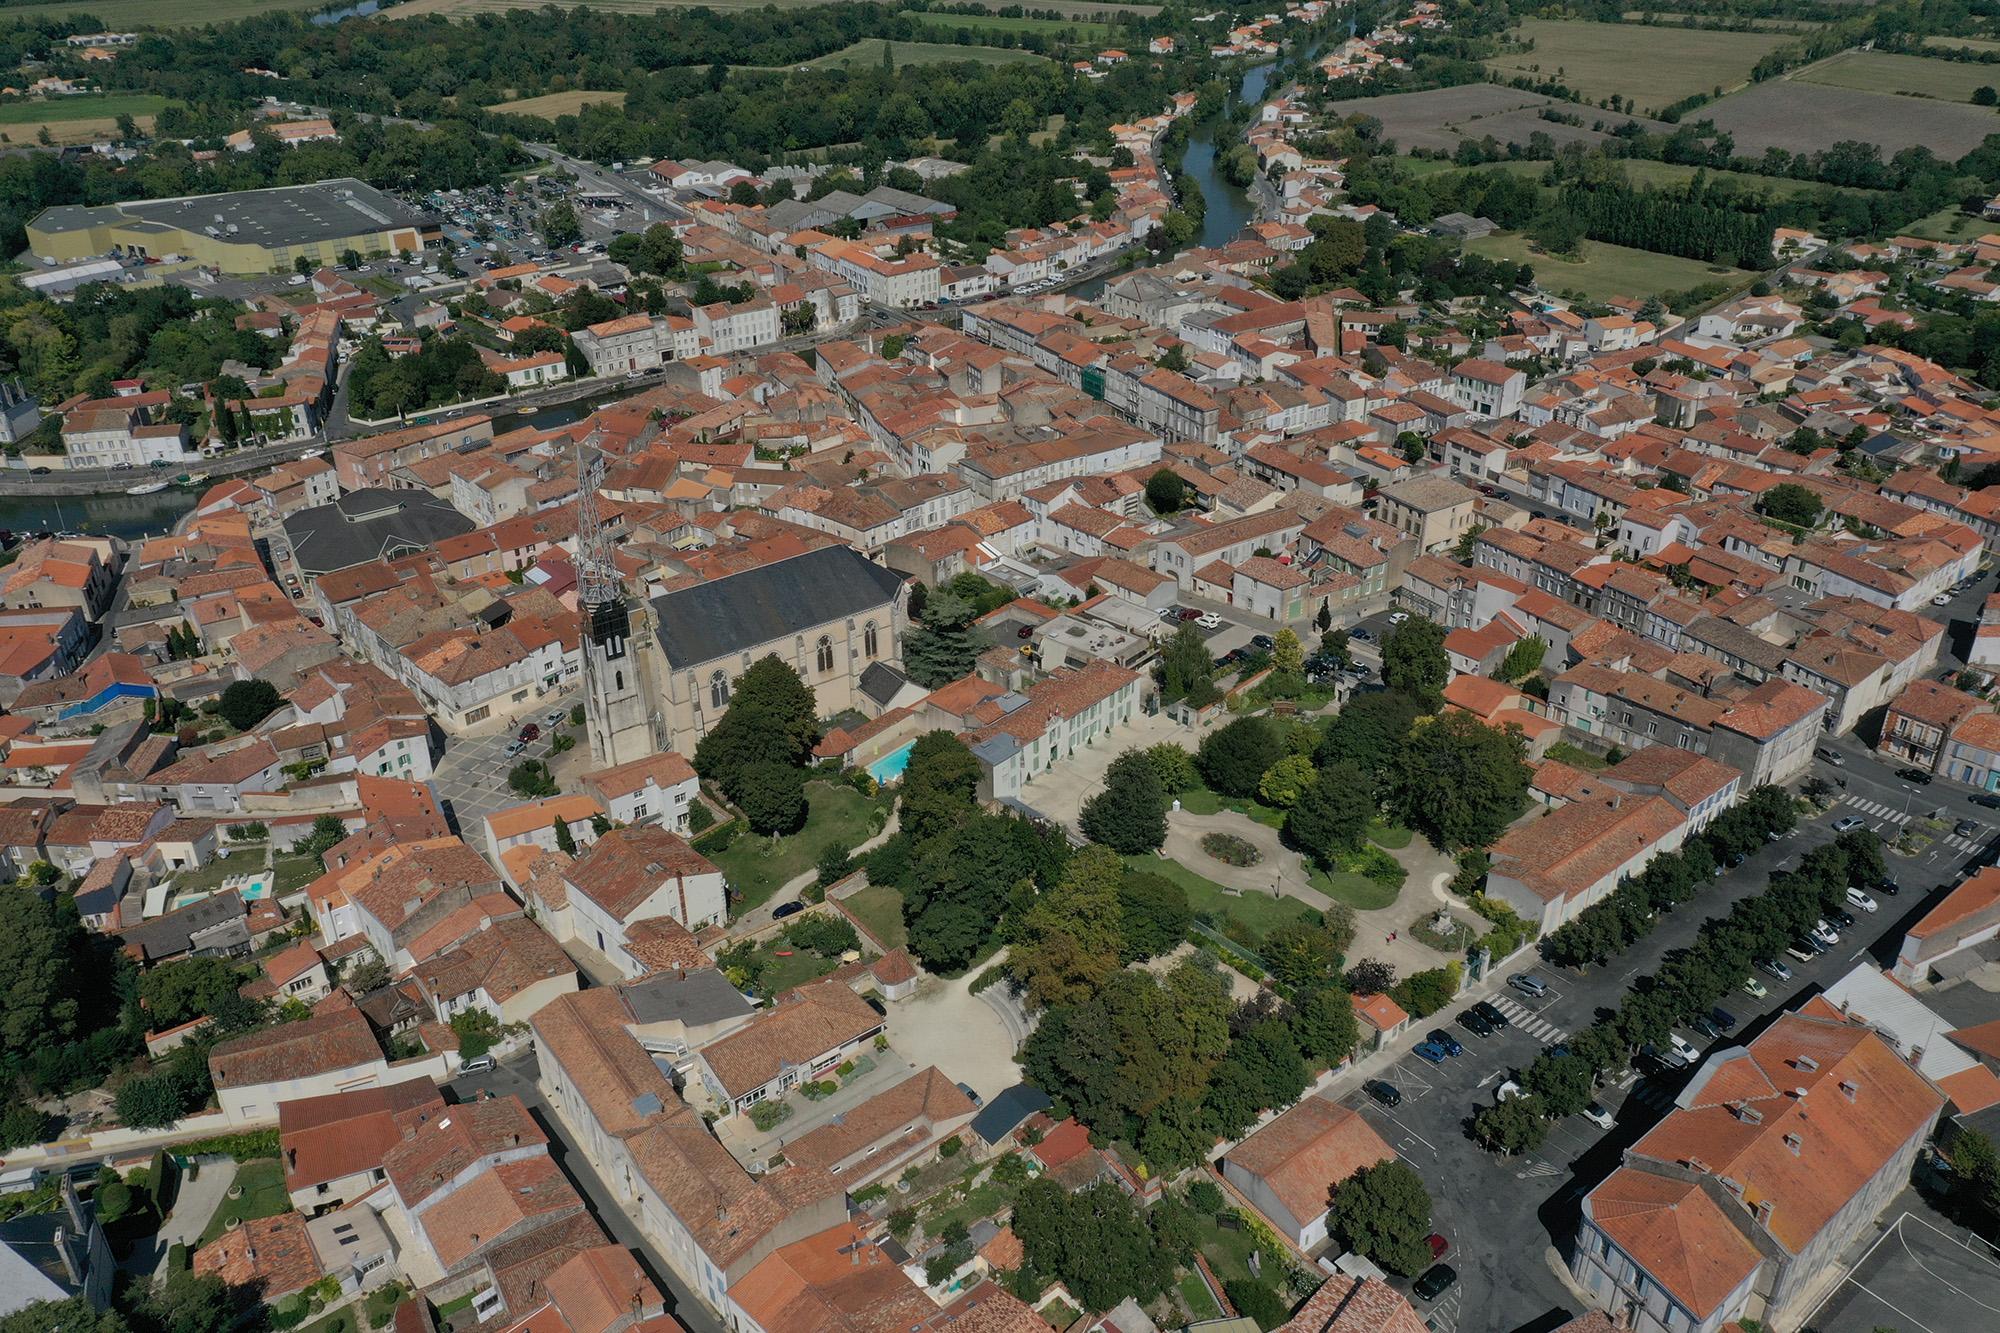 La ville de Marans vue du ciel ©Ludovic Sarrazin.